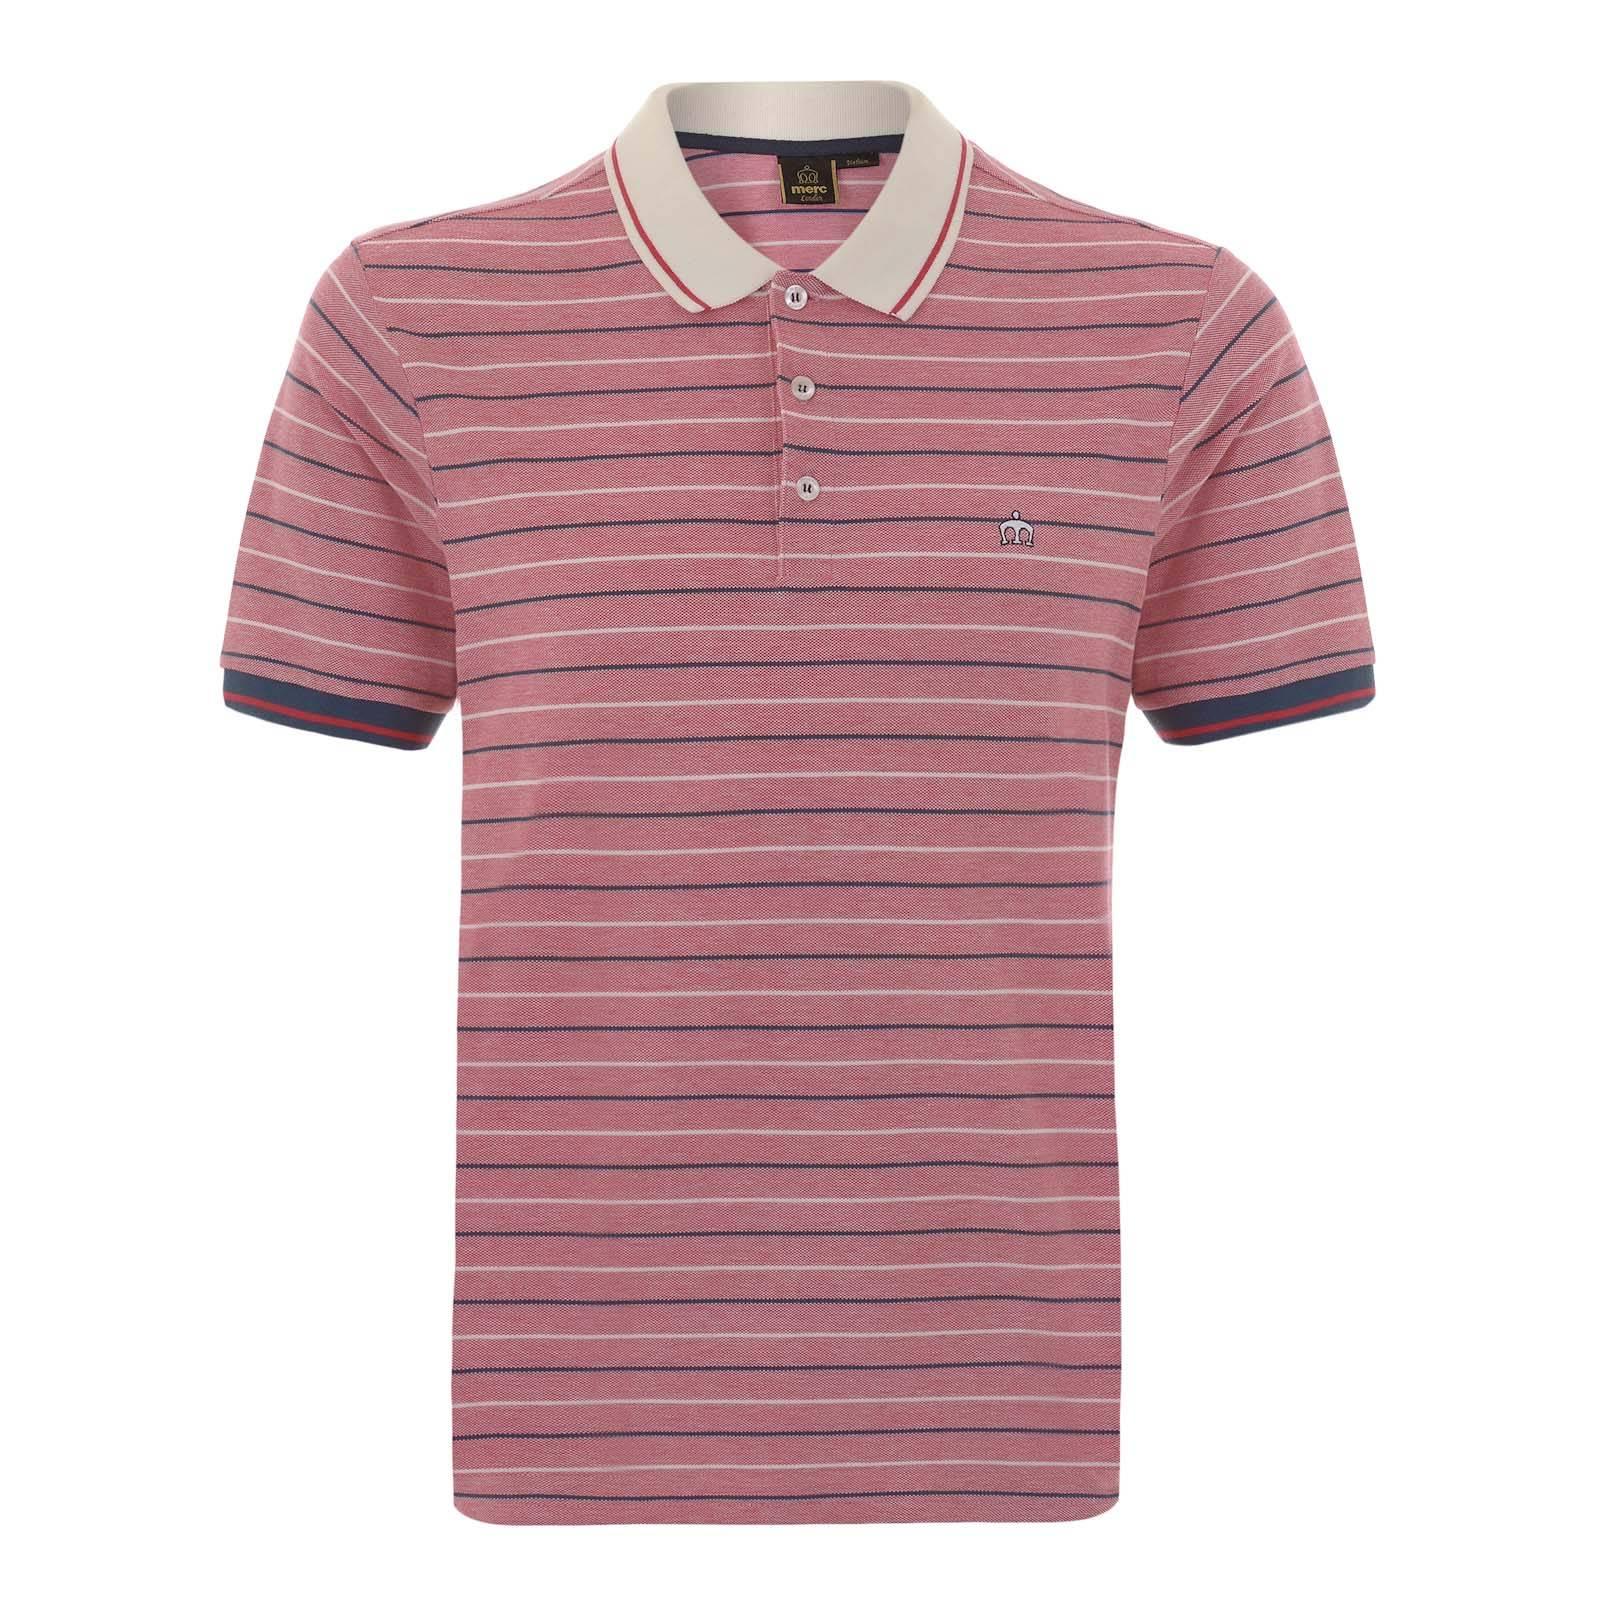 Рубашка Поло JensenПоло<br>Мужская рубашка поло, произведенная из текстурного хлопкового материала  пике  в тонкую двухцветную полоску. Контрастные манжеты и воротник композиционно объединяет однострочный красный кант, а вышитый слева на груди фирменный логотип Корона добавляет этой аутентичной ретро модели налёт современного casual аристократизма. Приятное глазу созвучие мягких цветов гармонично впишется в радостную атмосферу весеннее-летнего гардероба. Идеально сочетается с синими чиносами, рыжими или песочными Desert Boot и Харрингтоном. Также можно носить с шортами и классическими кроссовками.<br><br>Артикул: 1915107<br>Материал: 100% хлопок<br>Цвет: красновато-коричневый<br>Пол: Мужской